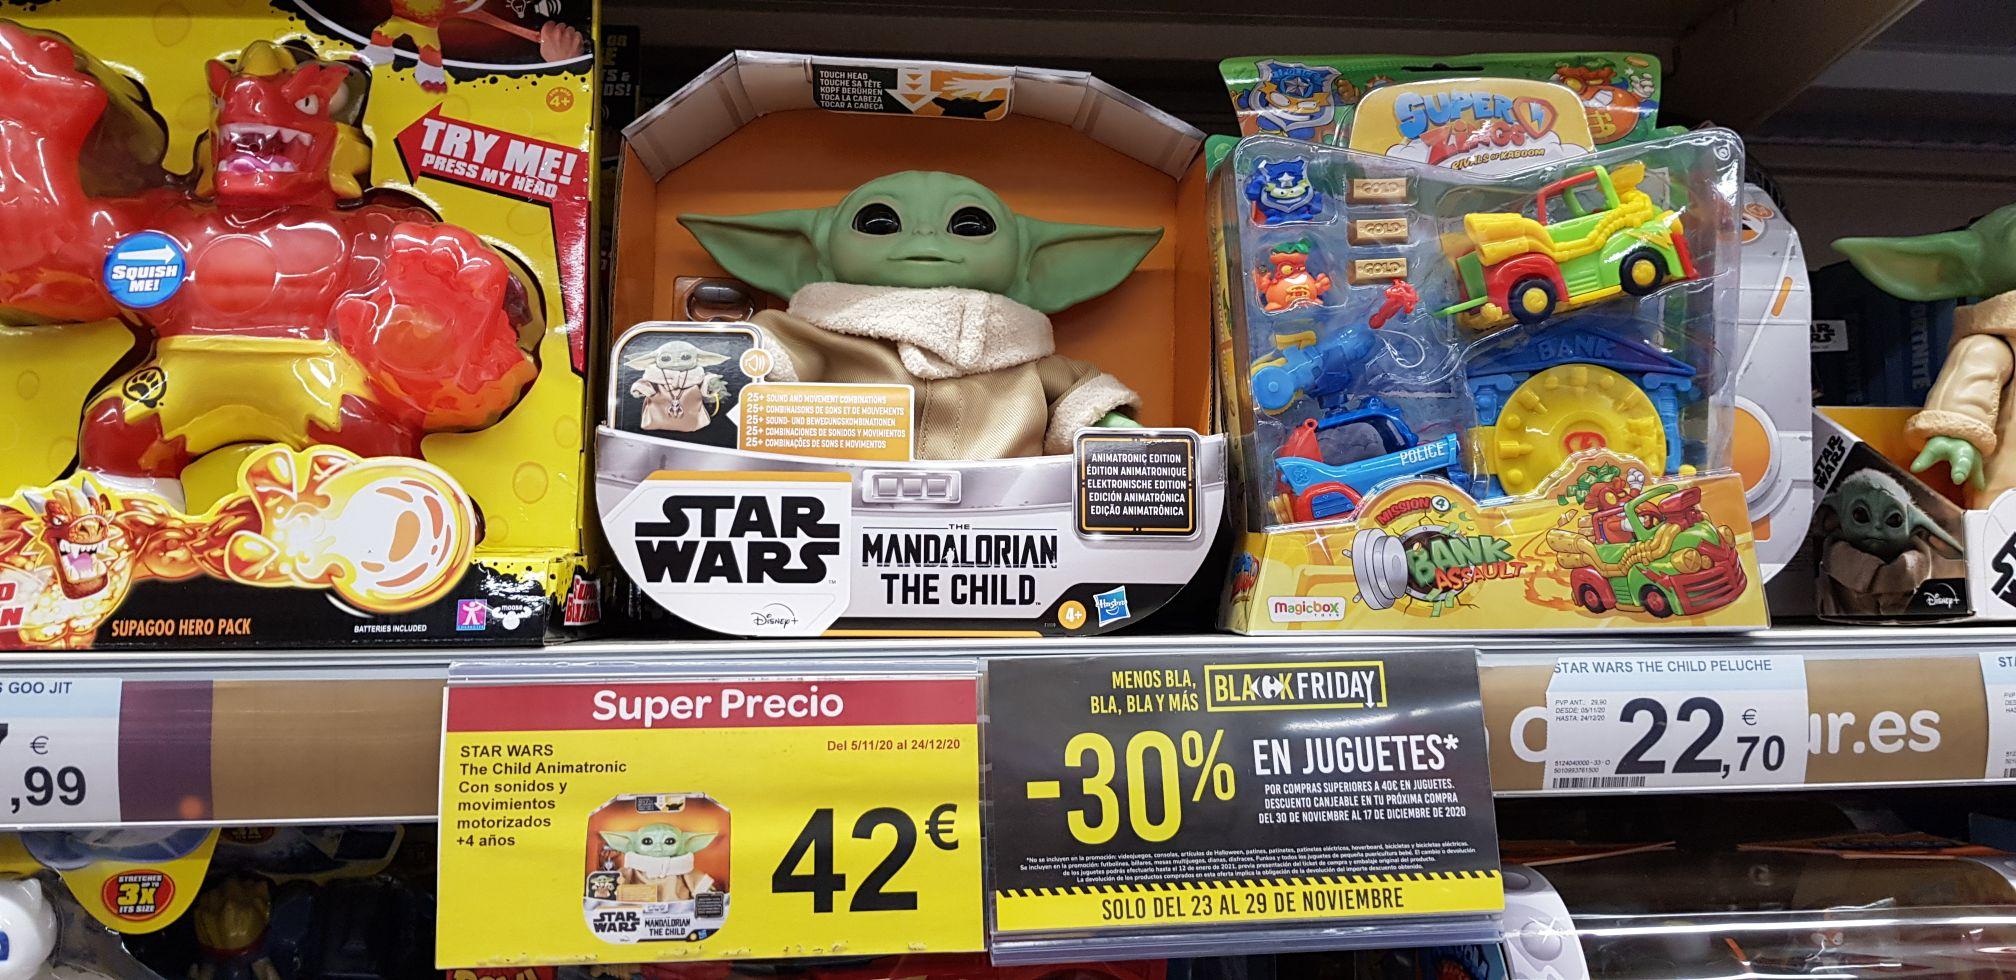 The child animatronic Baby Yoda 42 (-12€ en cupón carrefour)